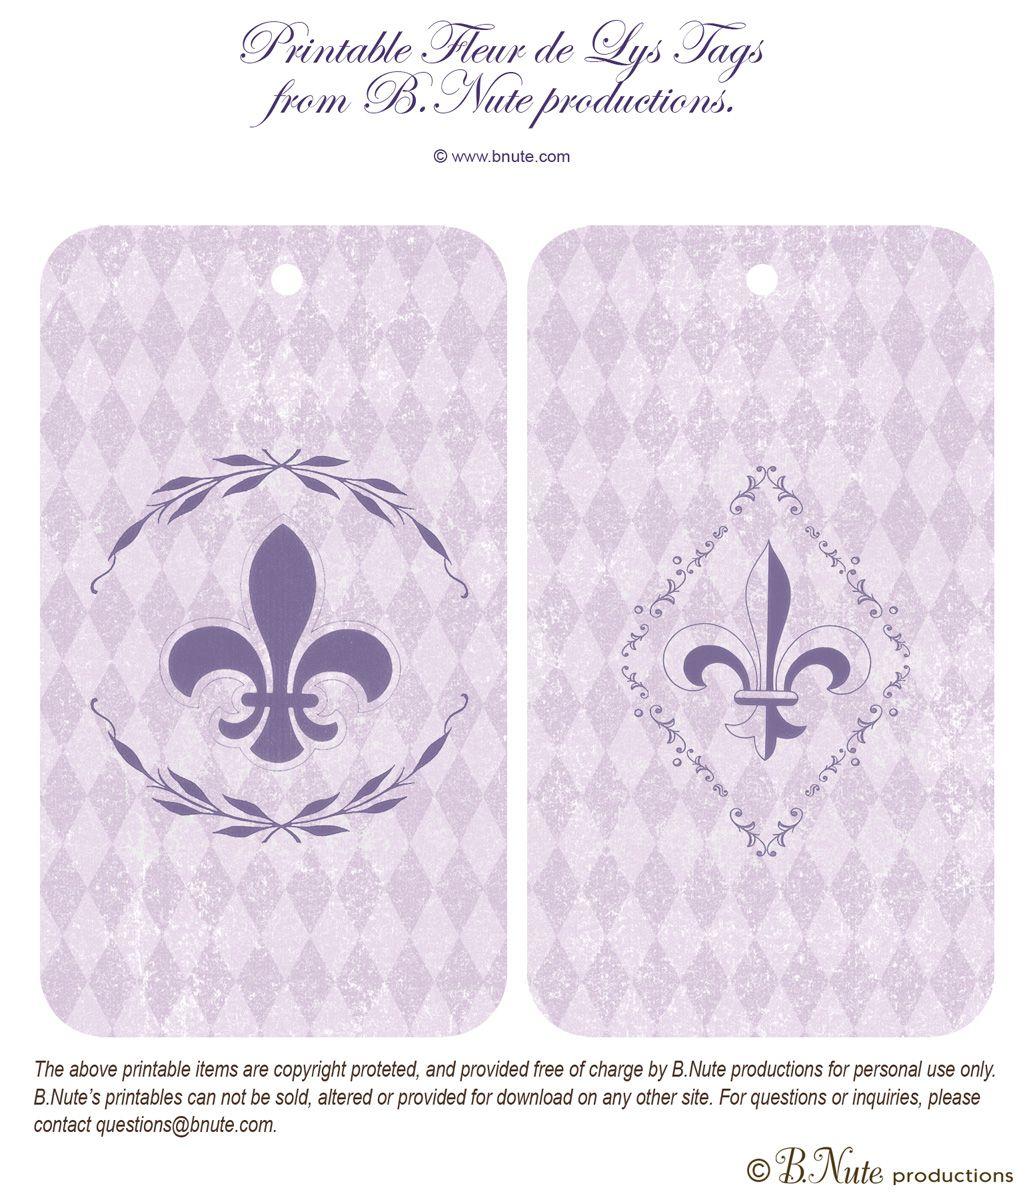 Bnute Productions Free Printable Fleur De Lys Tags Scrapbook Printables Diy Printables Free Printables